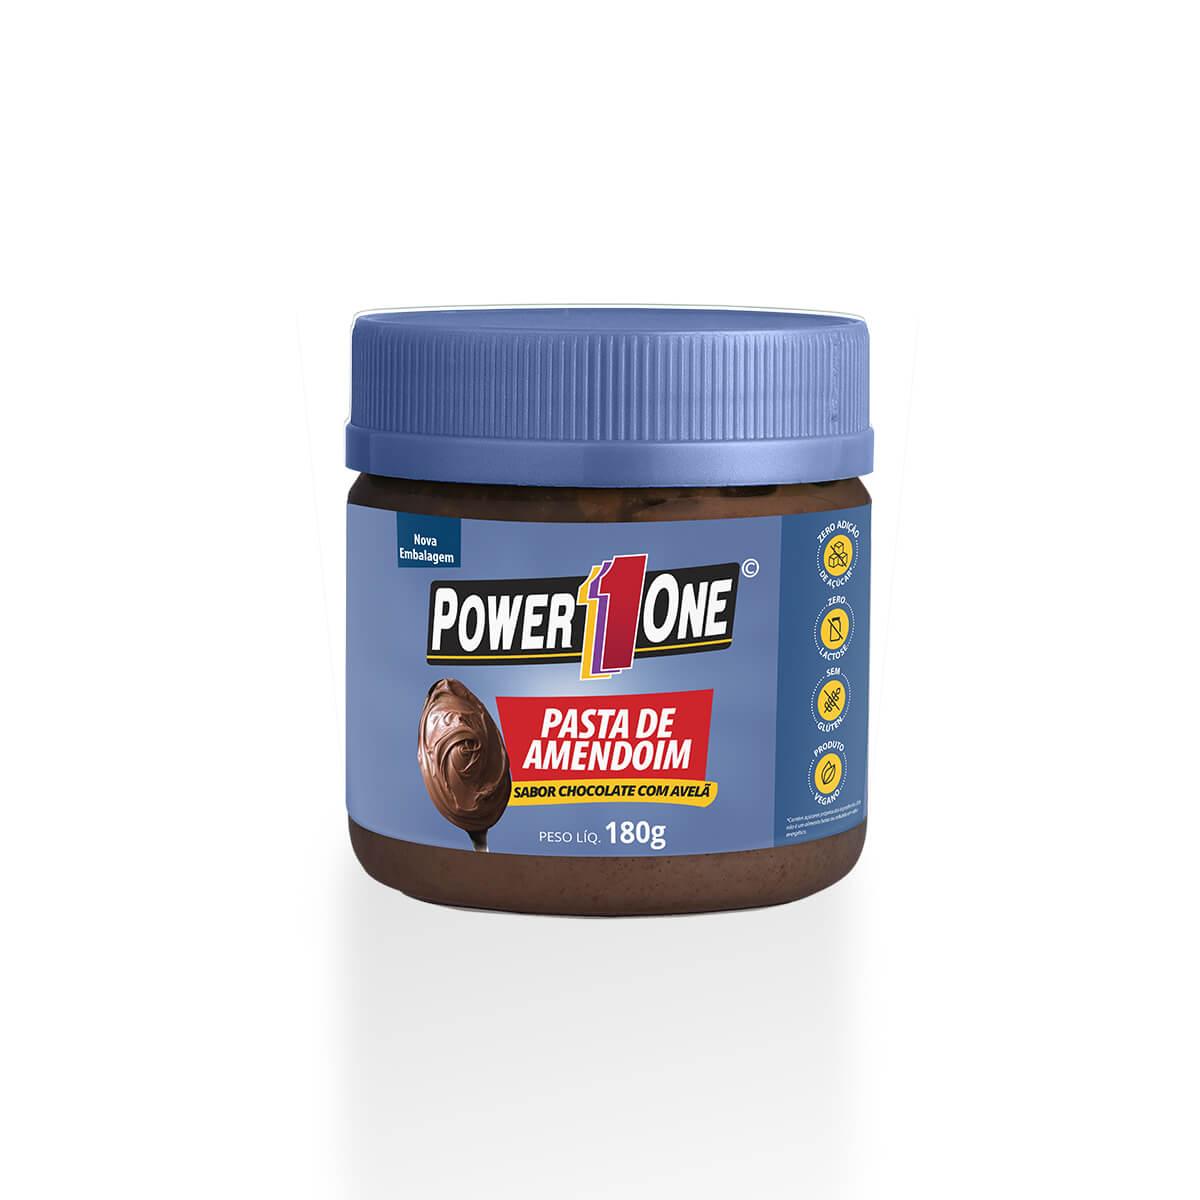 Pasta de Amendoim Chocolate com Avelã (180g) - Power1one